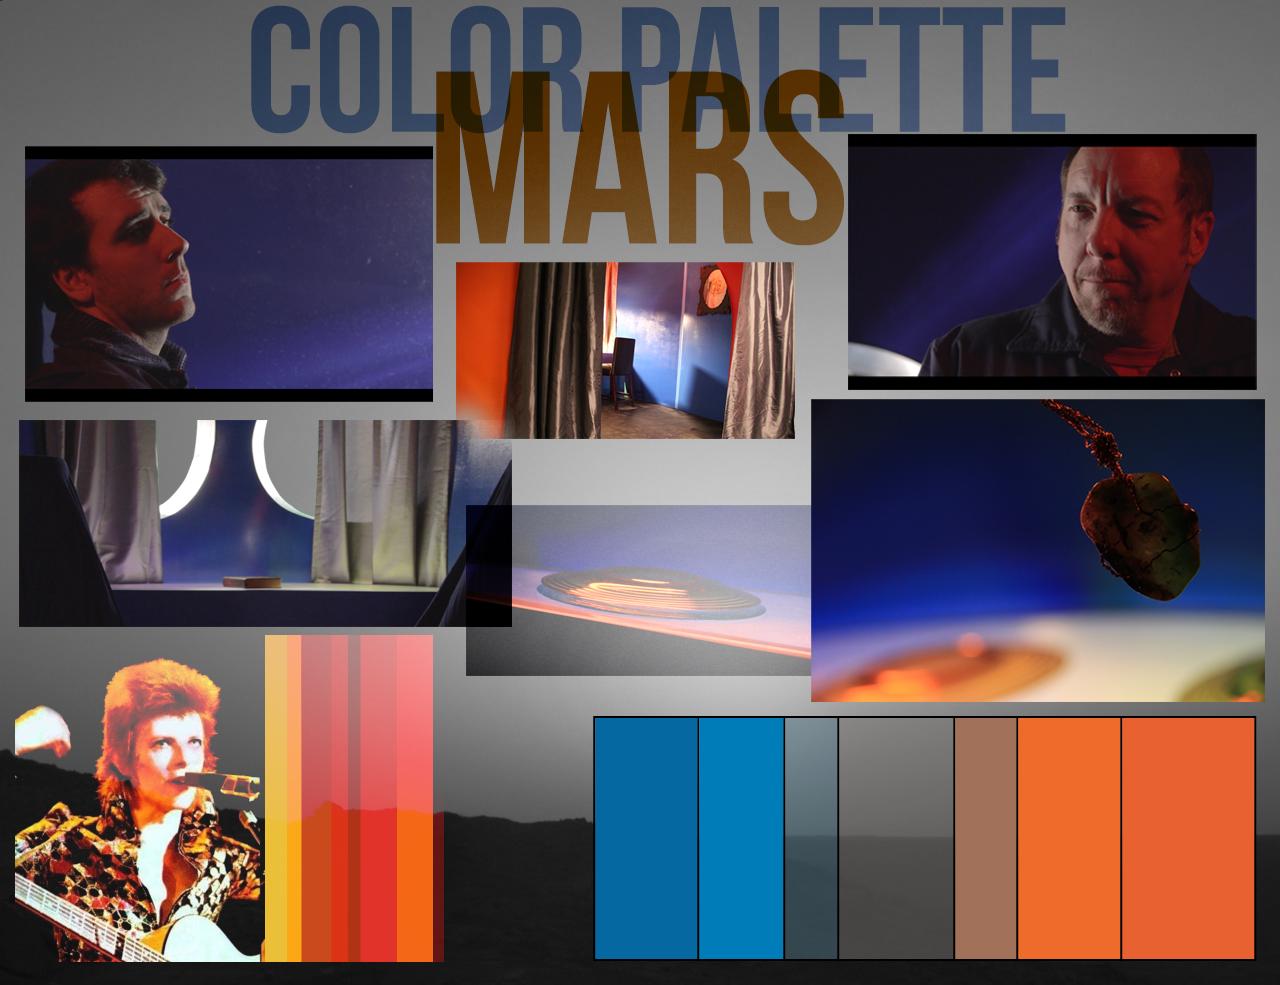 *colorpalette mars.jpg